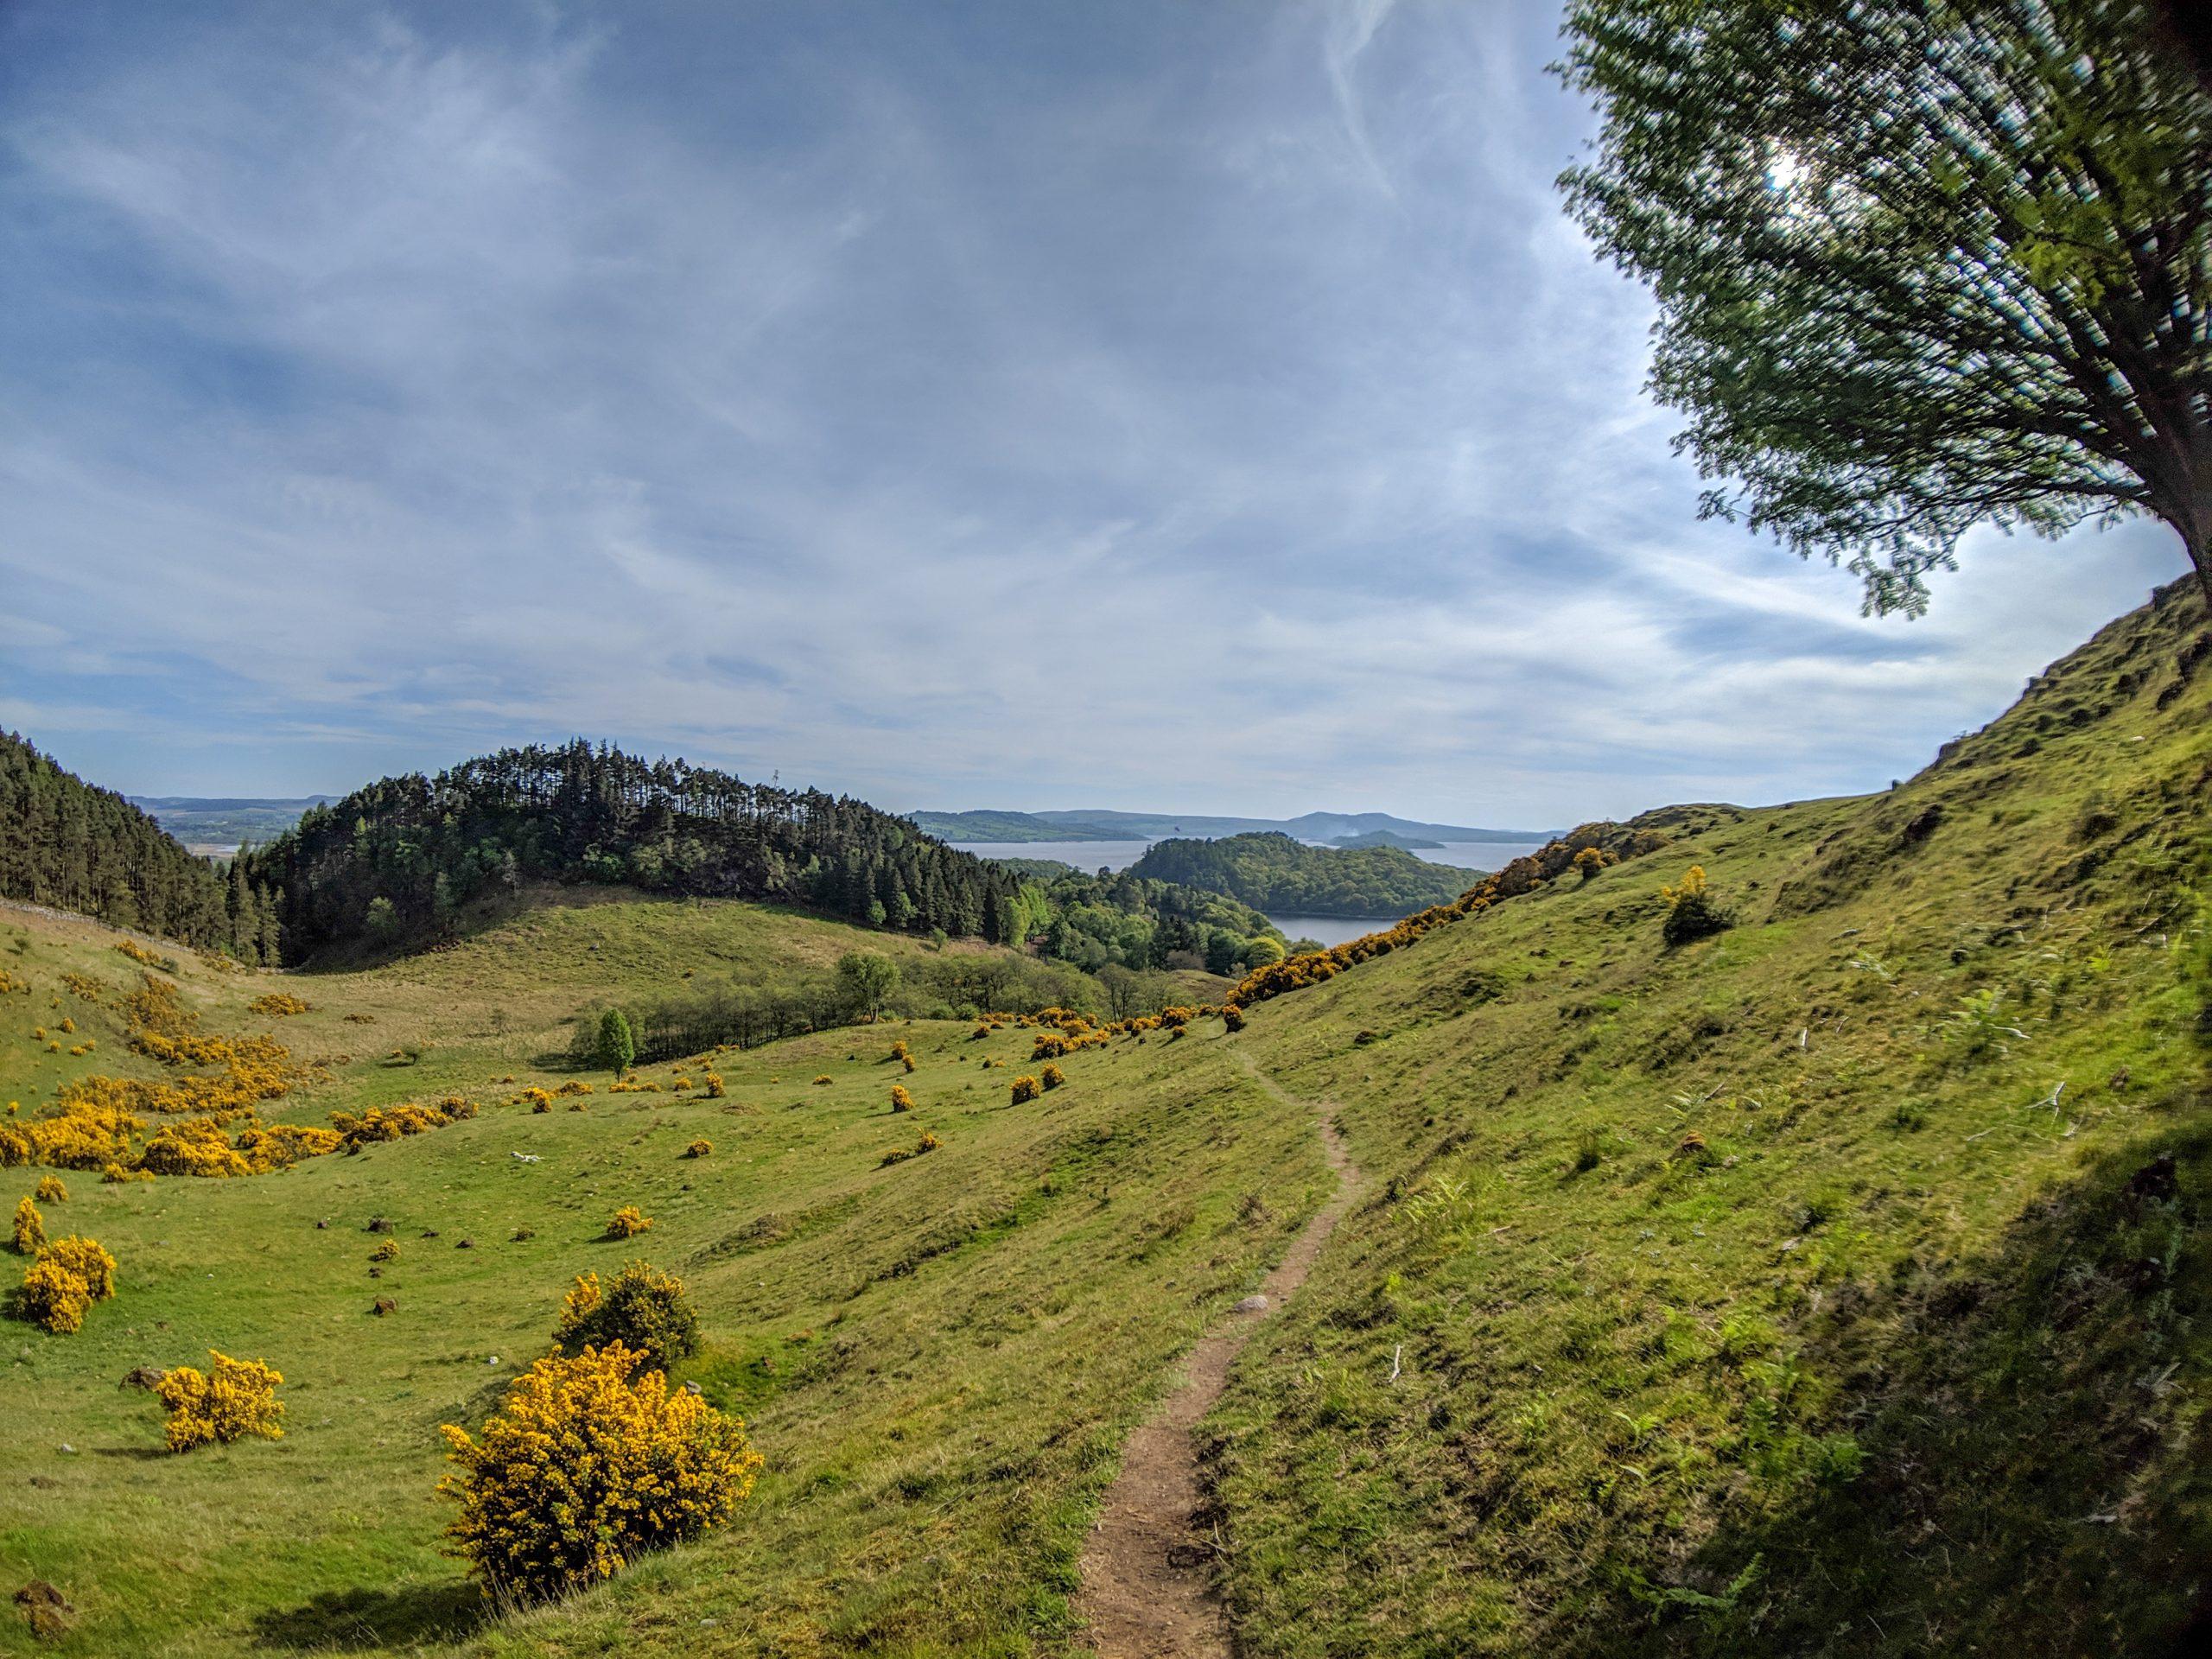 View of Loch Lomond